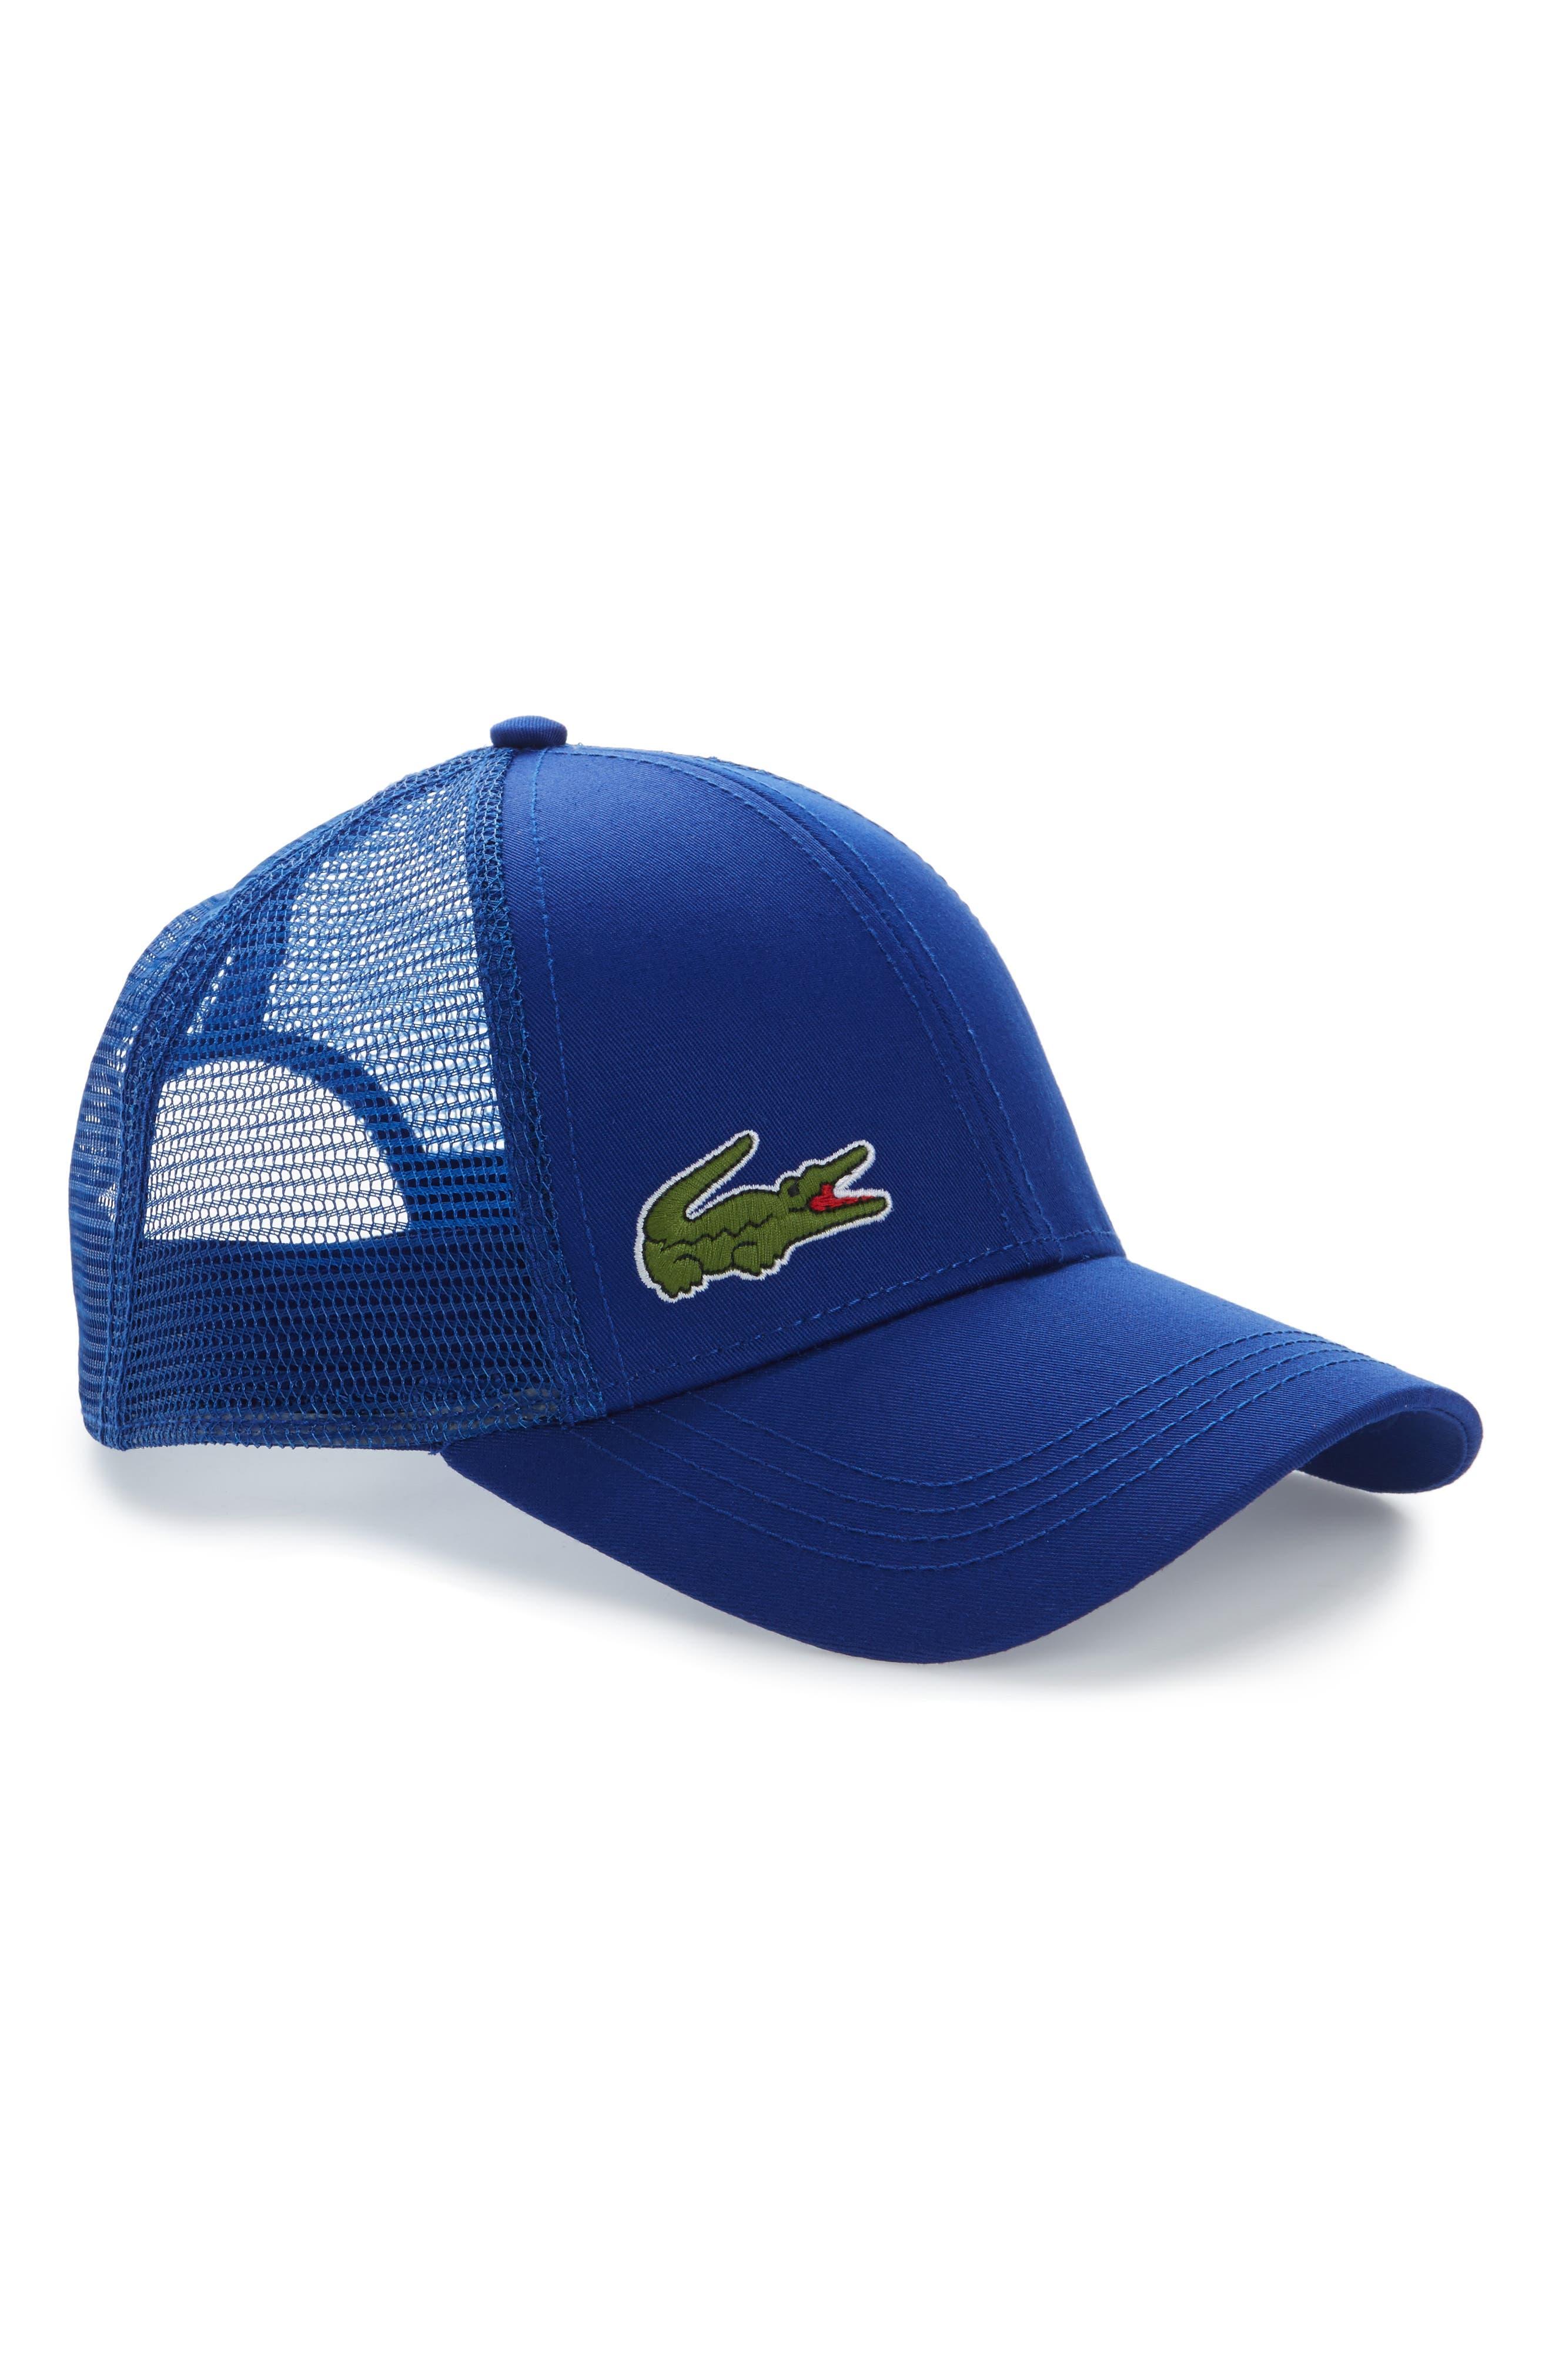 Main Image - Lacoste Trucker Hat